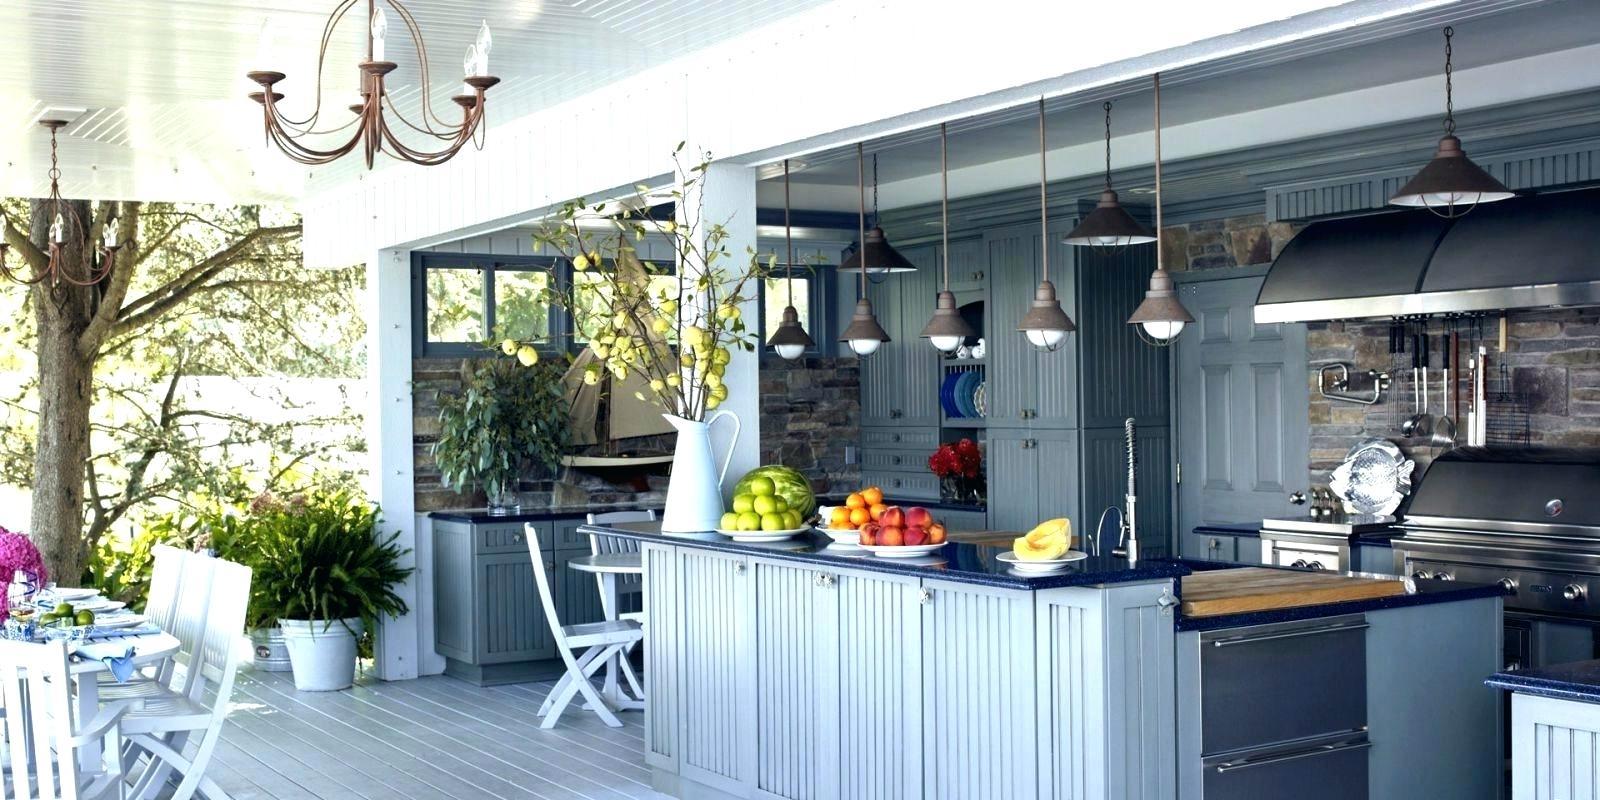 Top Desain Interior Dapur Outdoor